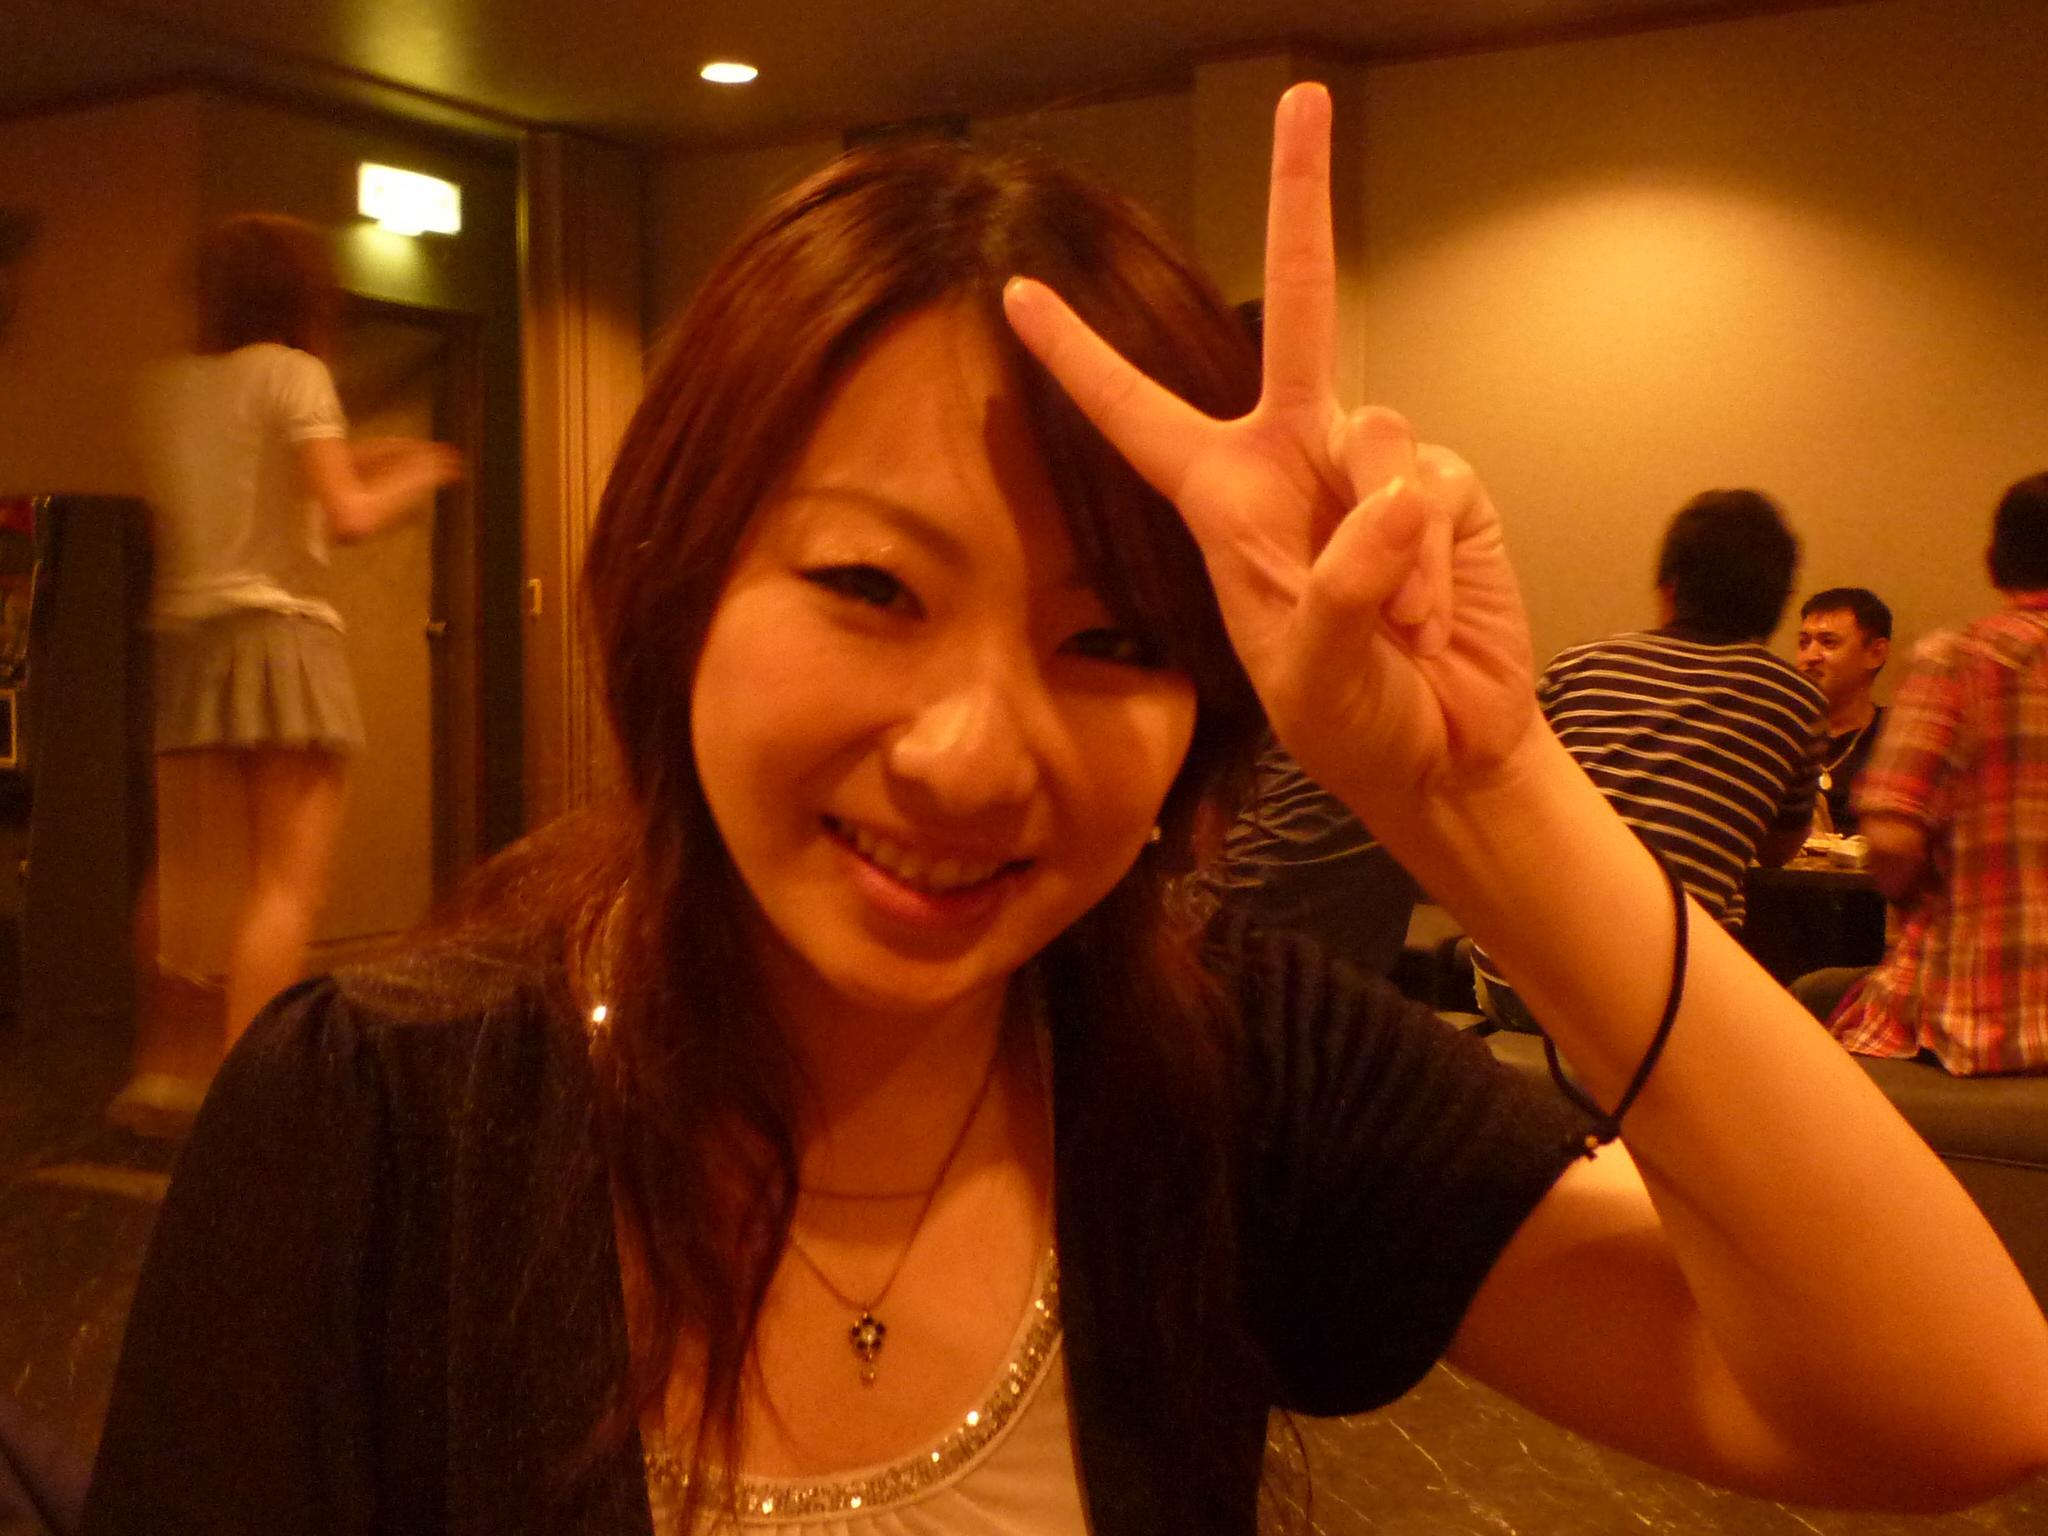 ラブグリーン(LOVEGREEN)スナック/遠賀郡芦屋町 : Lovegreen(ラブ ...